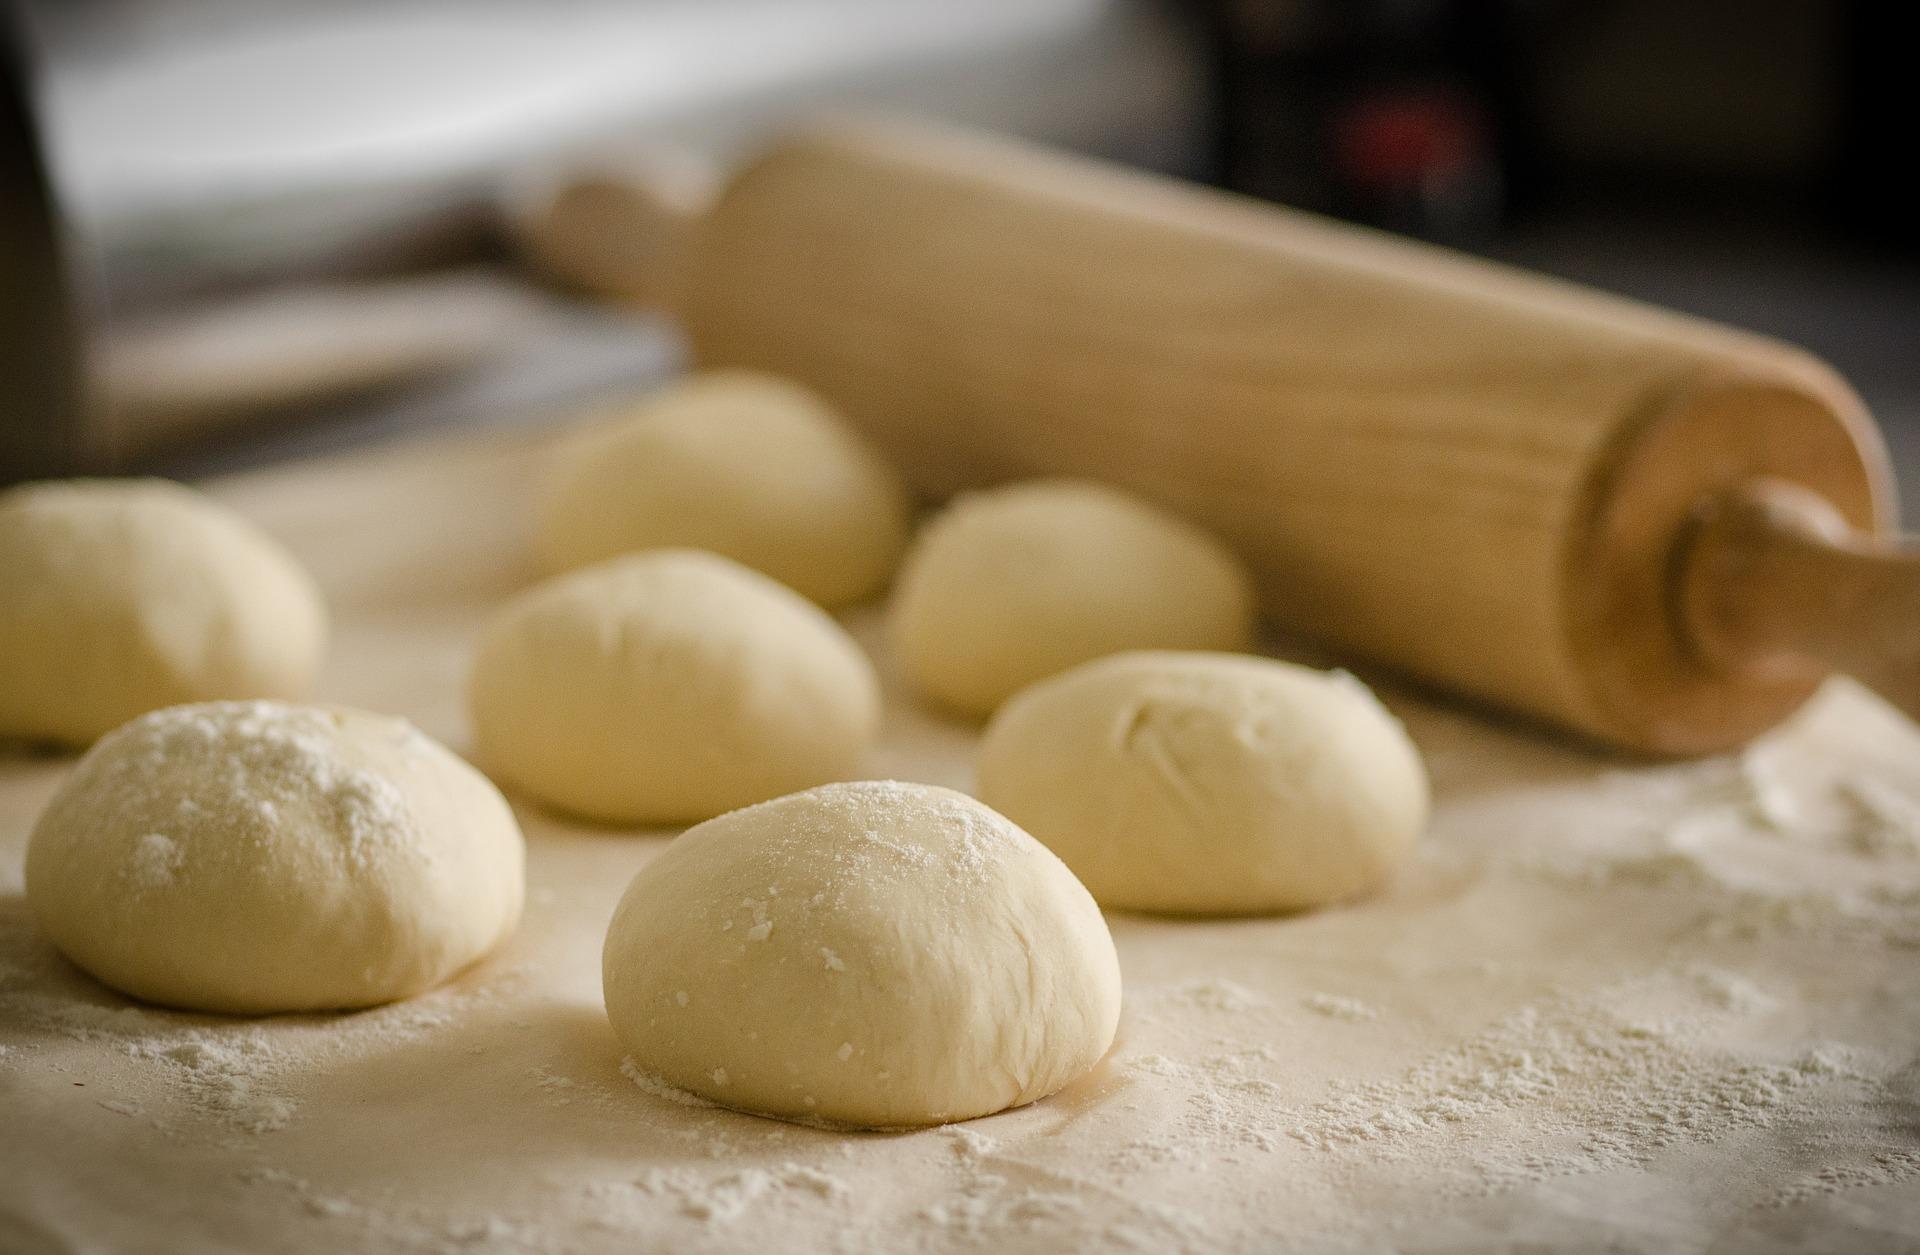 Scuola di pizza:  – Maturazione & Lievitazione